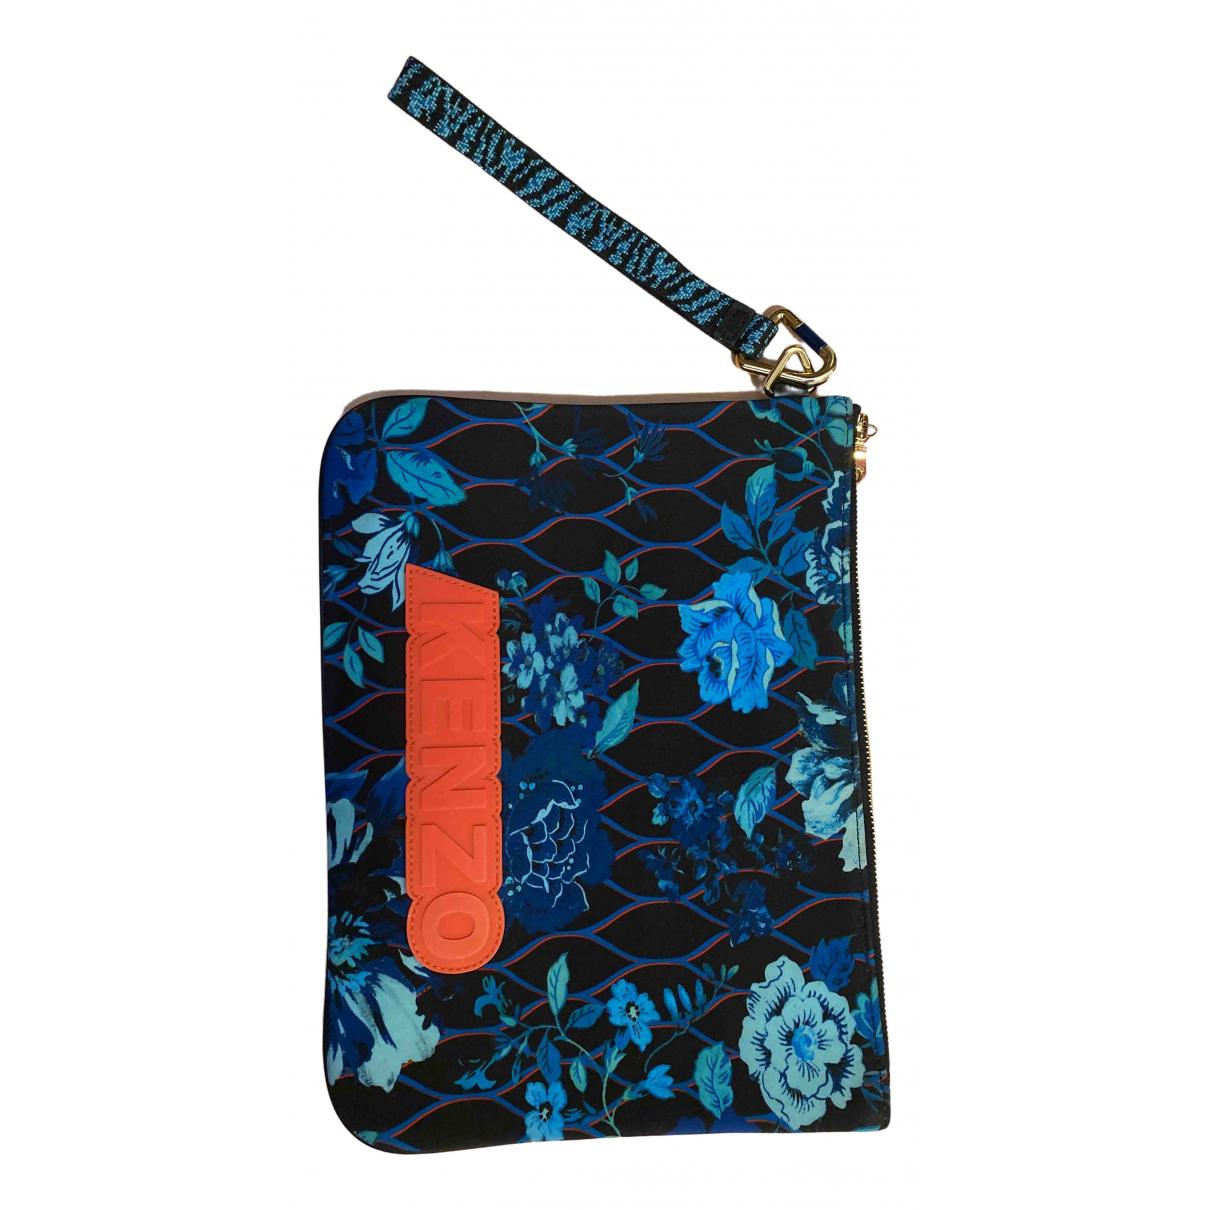 Bolsos clutch en Poliester Multicolor Kenzo X H&m